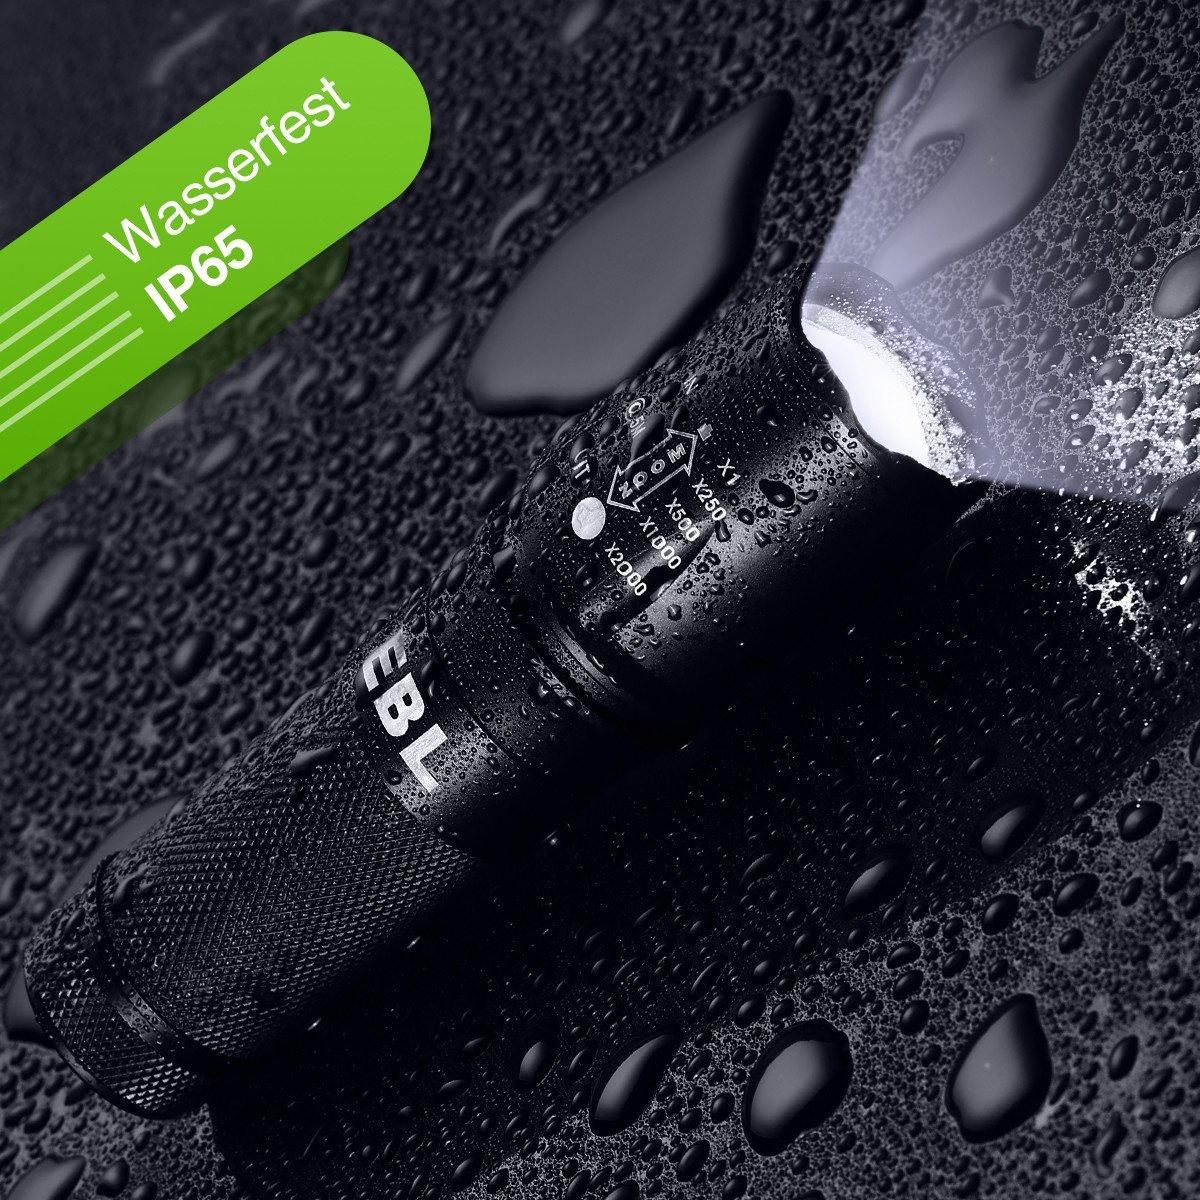 EBL Superhell CREE LED 1200 Lumen Taschenlampe mit 5 Leuchtungsmodi, Wasserfest und fexibel für Indoor und Outdoor